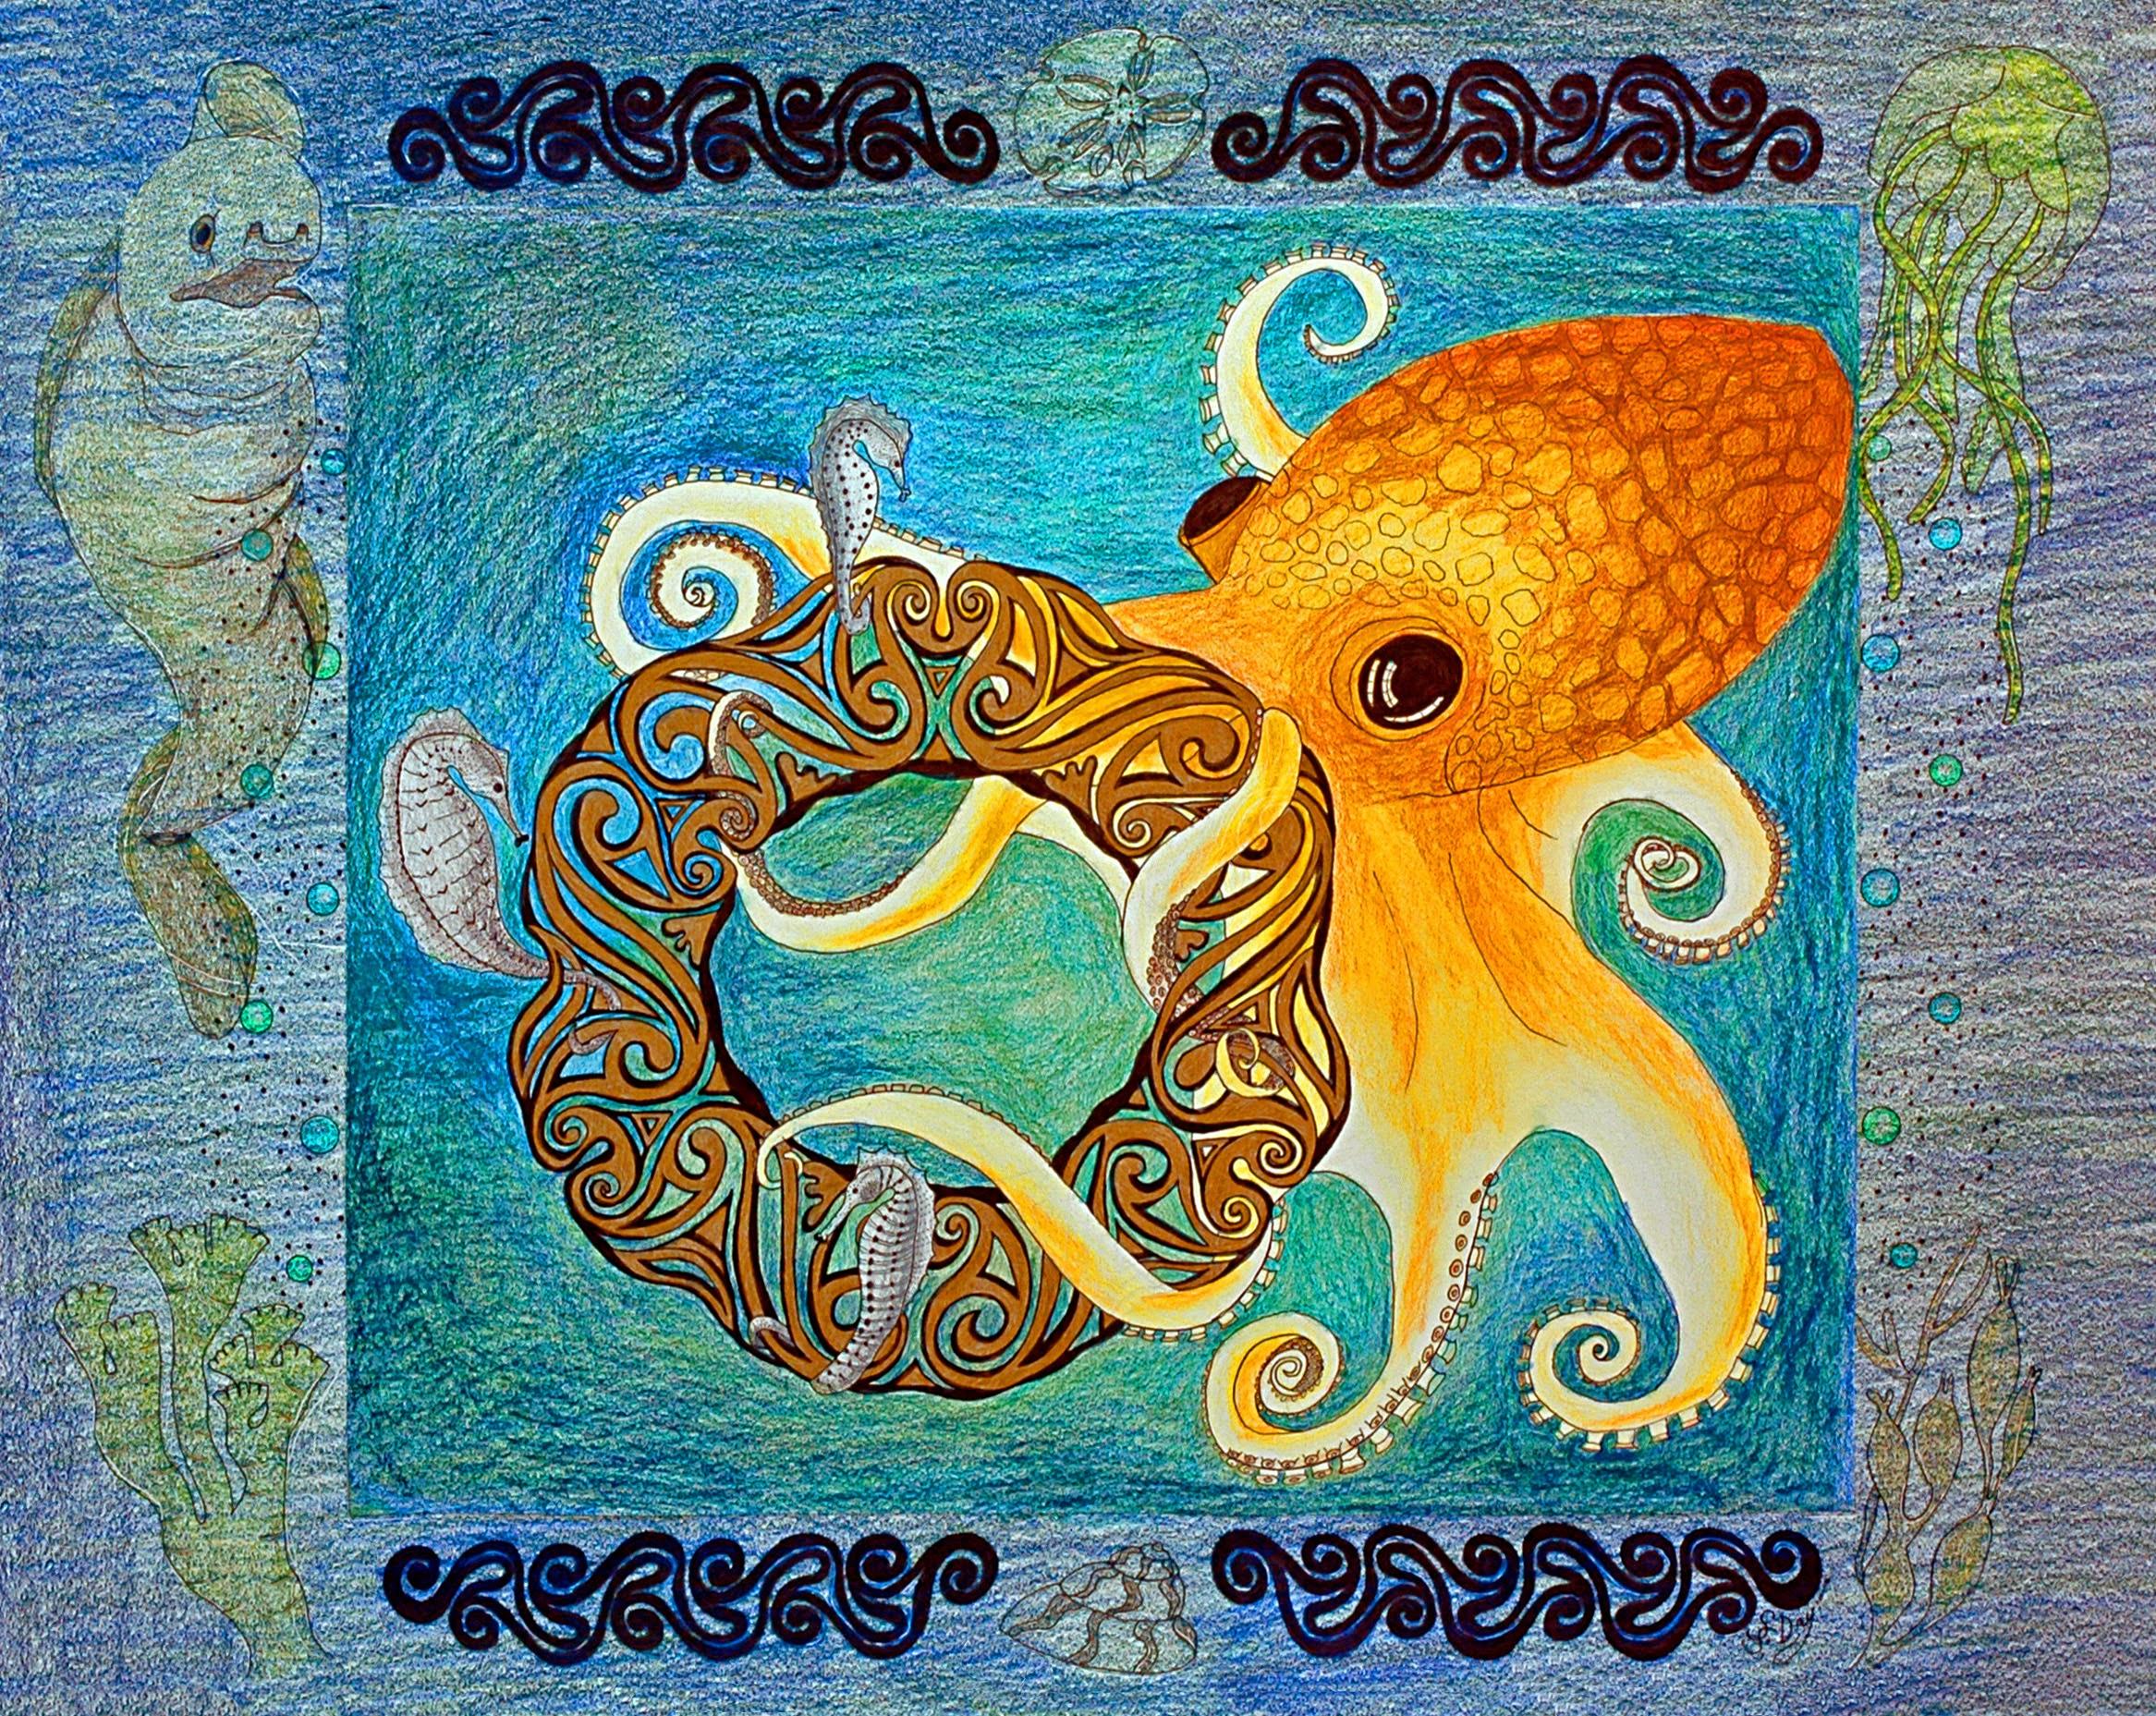 Octopus: Curiosity